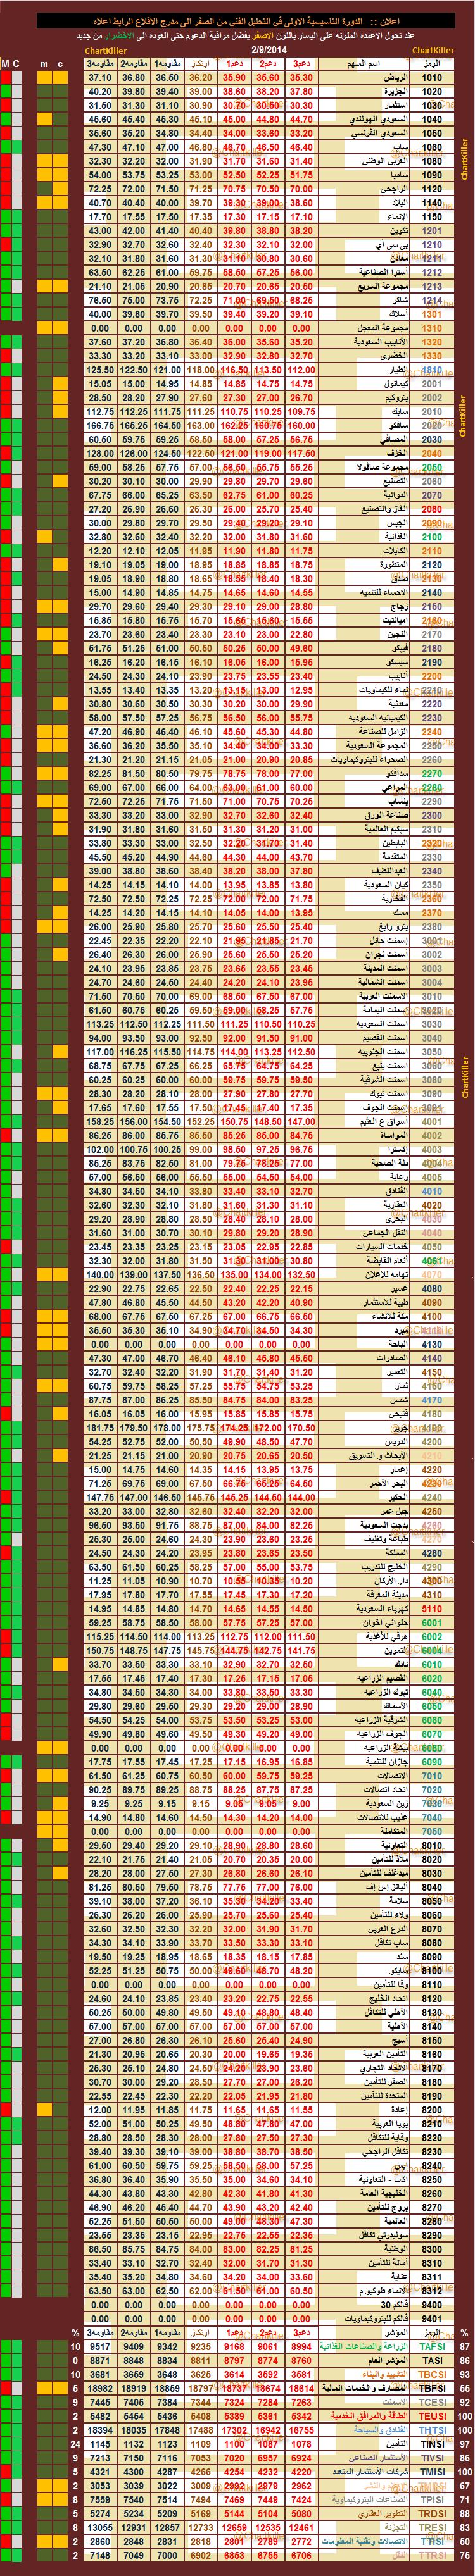 الدعم المقاومه ليوم  الاحد   9-2-2014  ::   السوق  السعودي  599758565